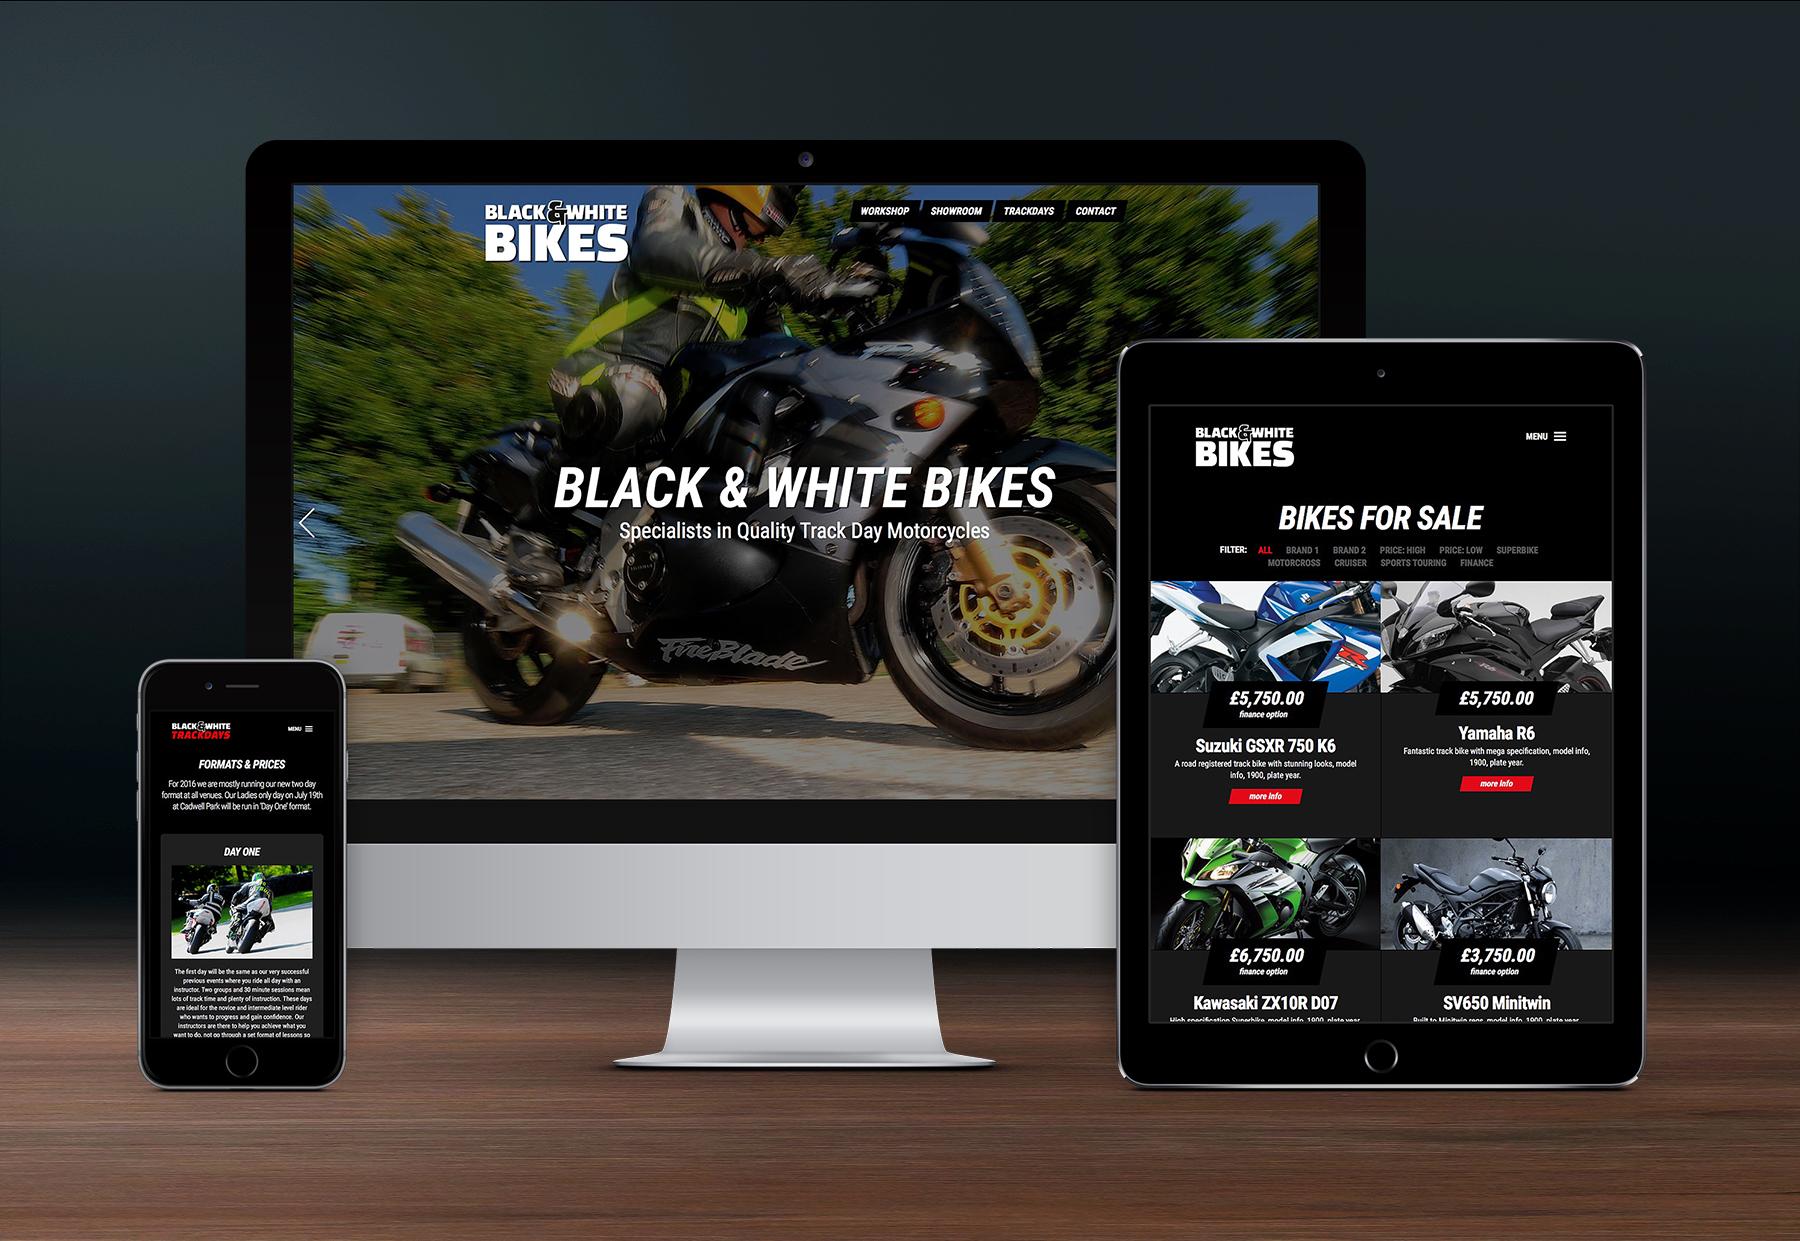 Black & White Bikes